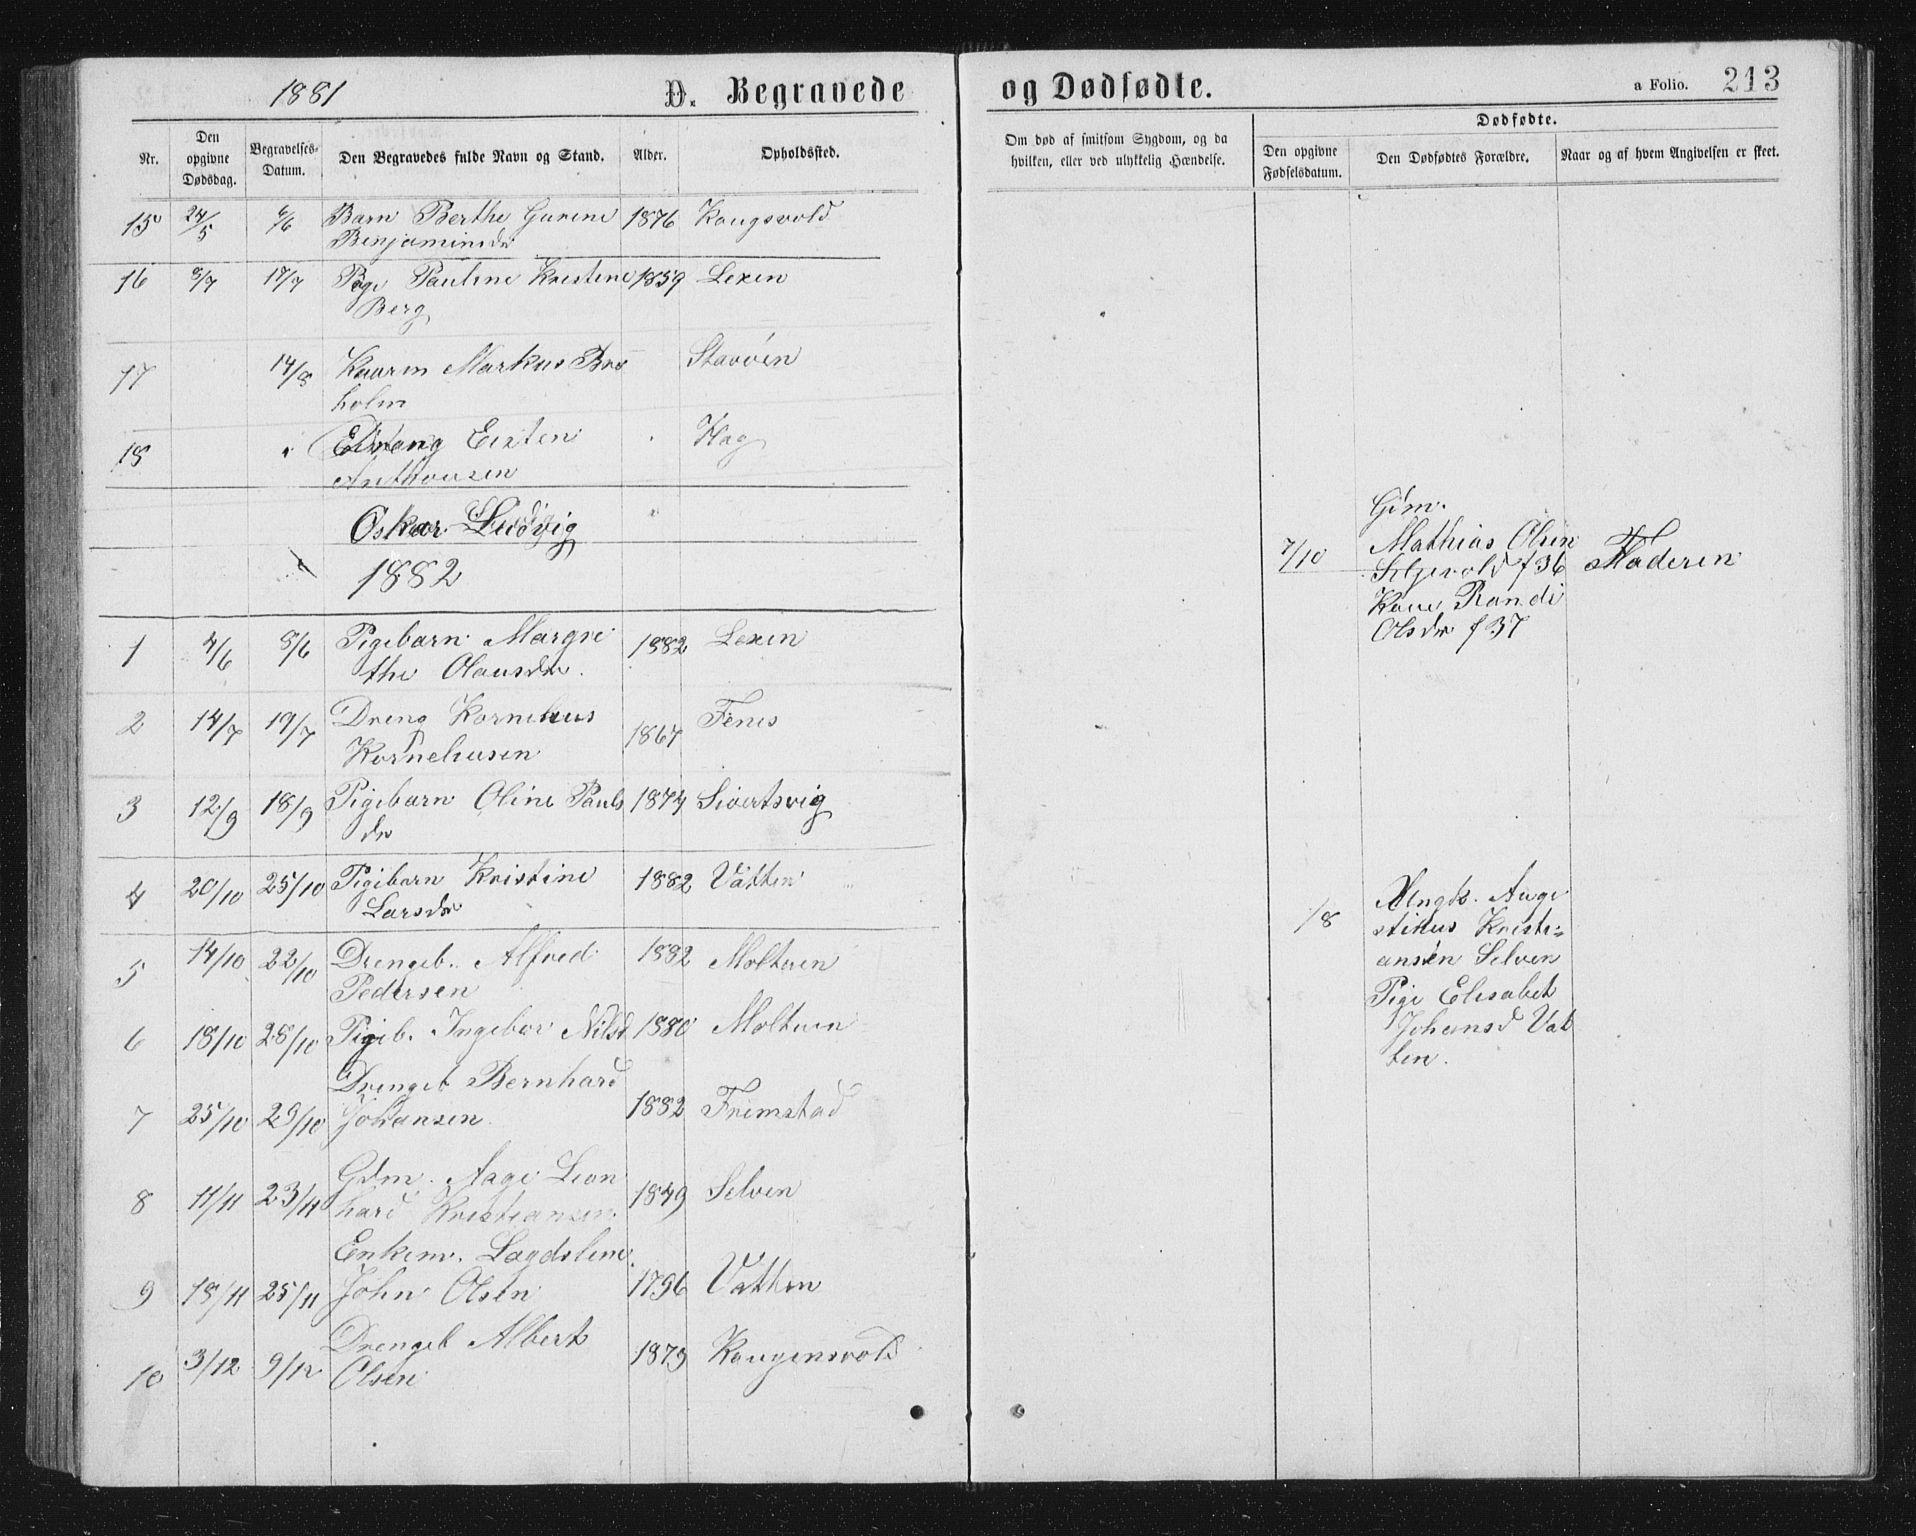 SAT, Ministerialprotokoller, klokkerbøker og fødselsregistre - Sør-Trøndelag, 662/L0756: Klokkerbok nr. 662C01, 1869-1891, s. 213